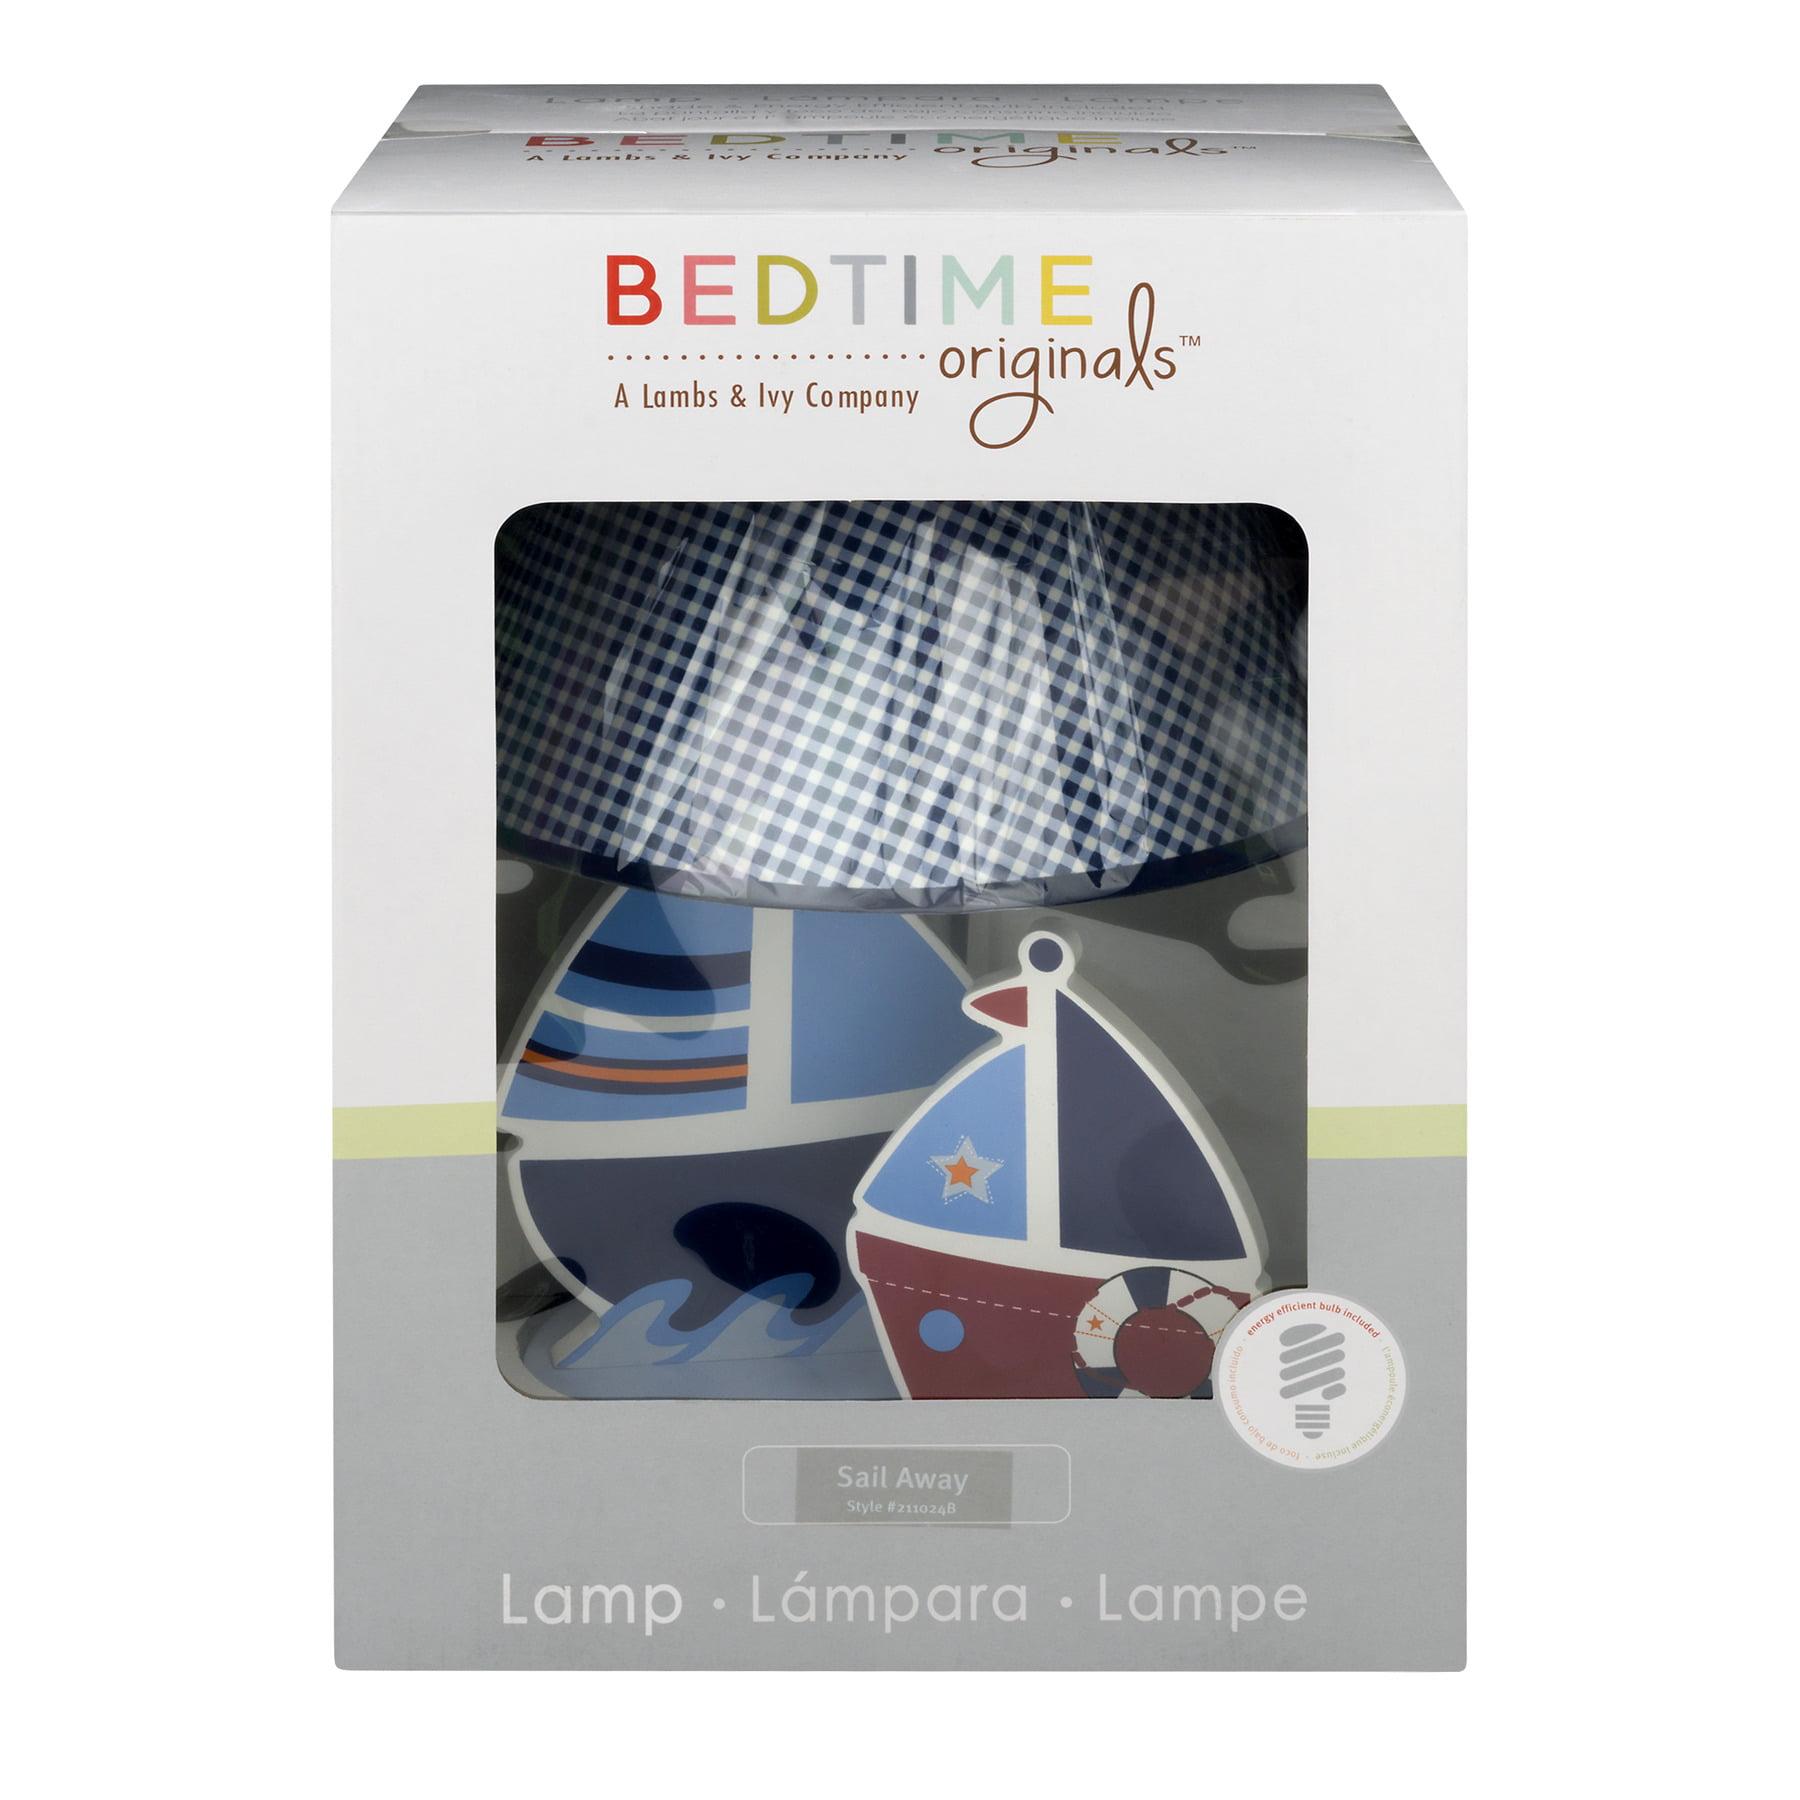 Bedtime Originals Lamp Sail Away -1 CT1.0 CT